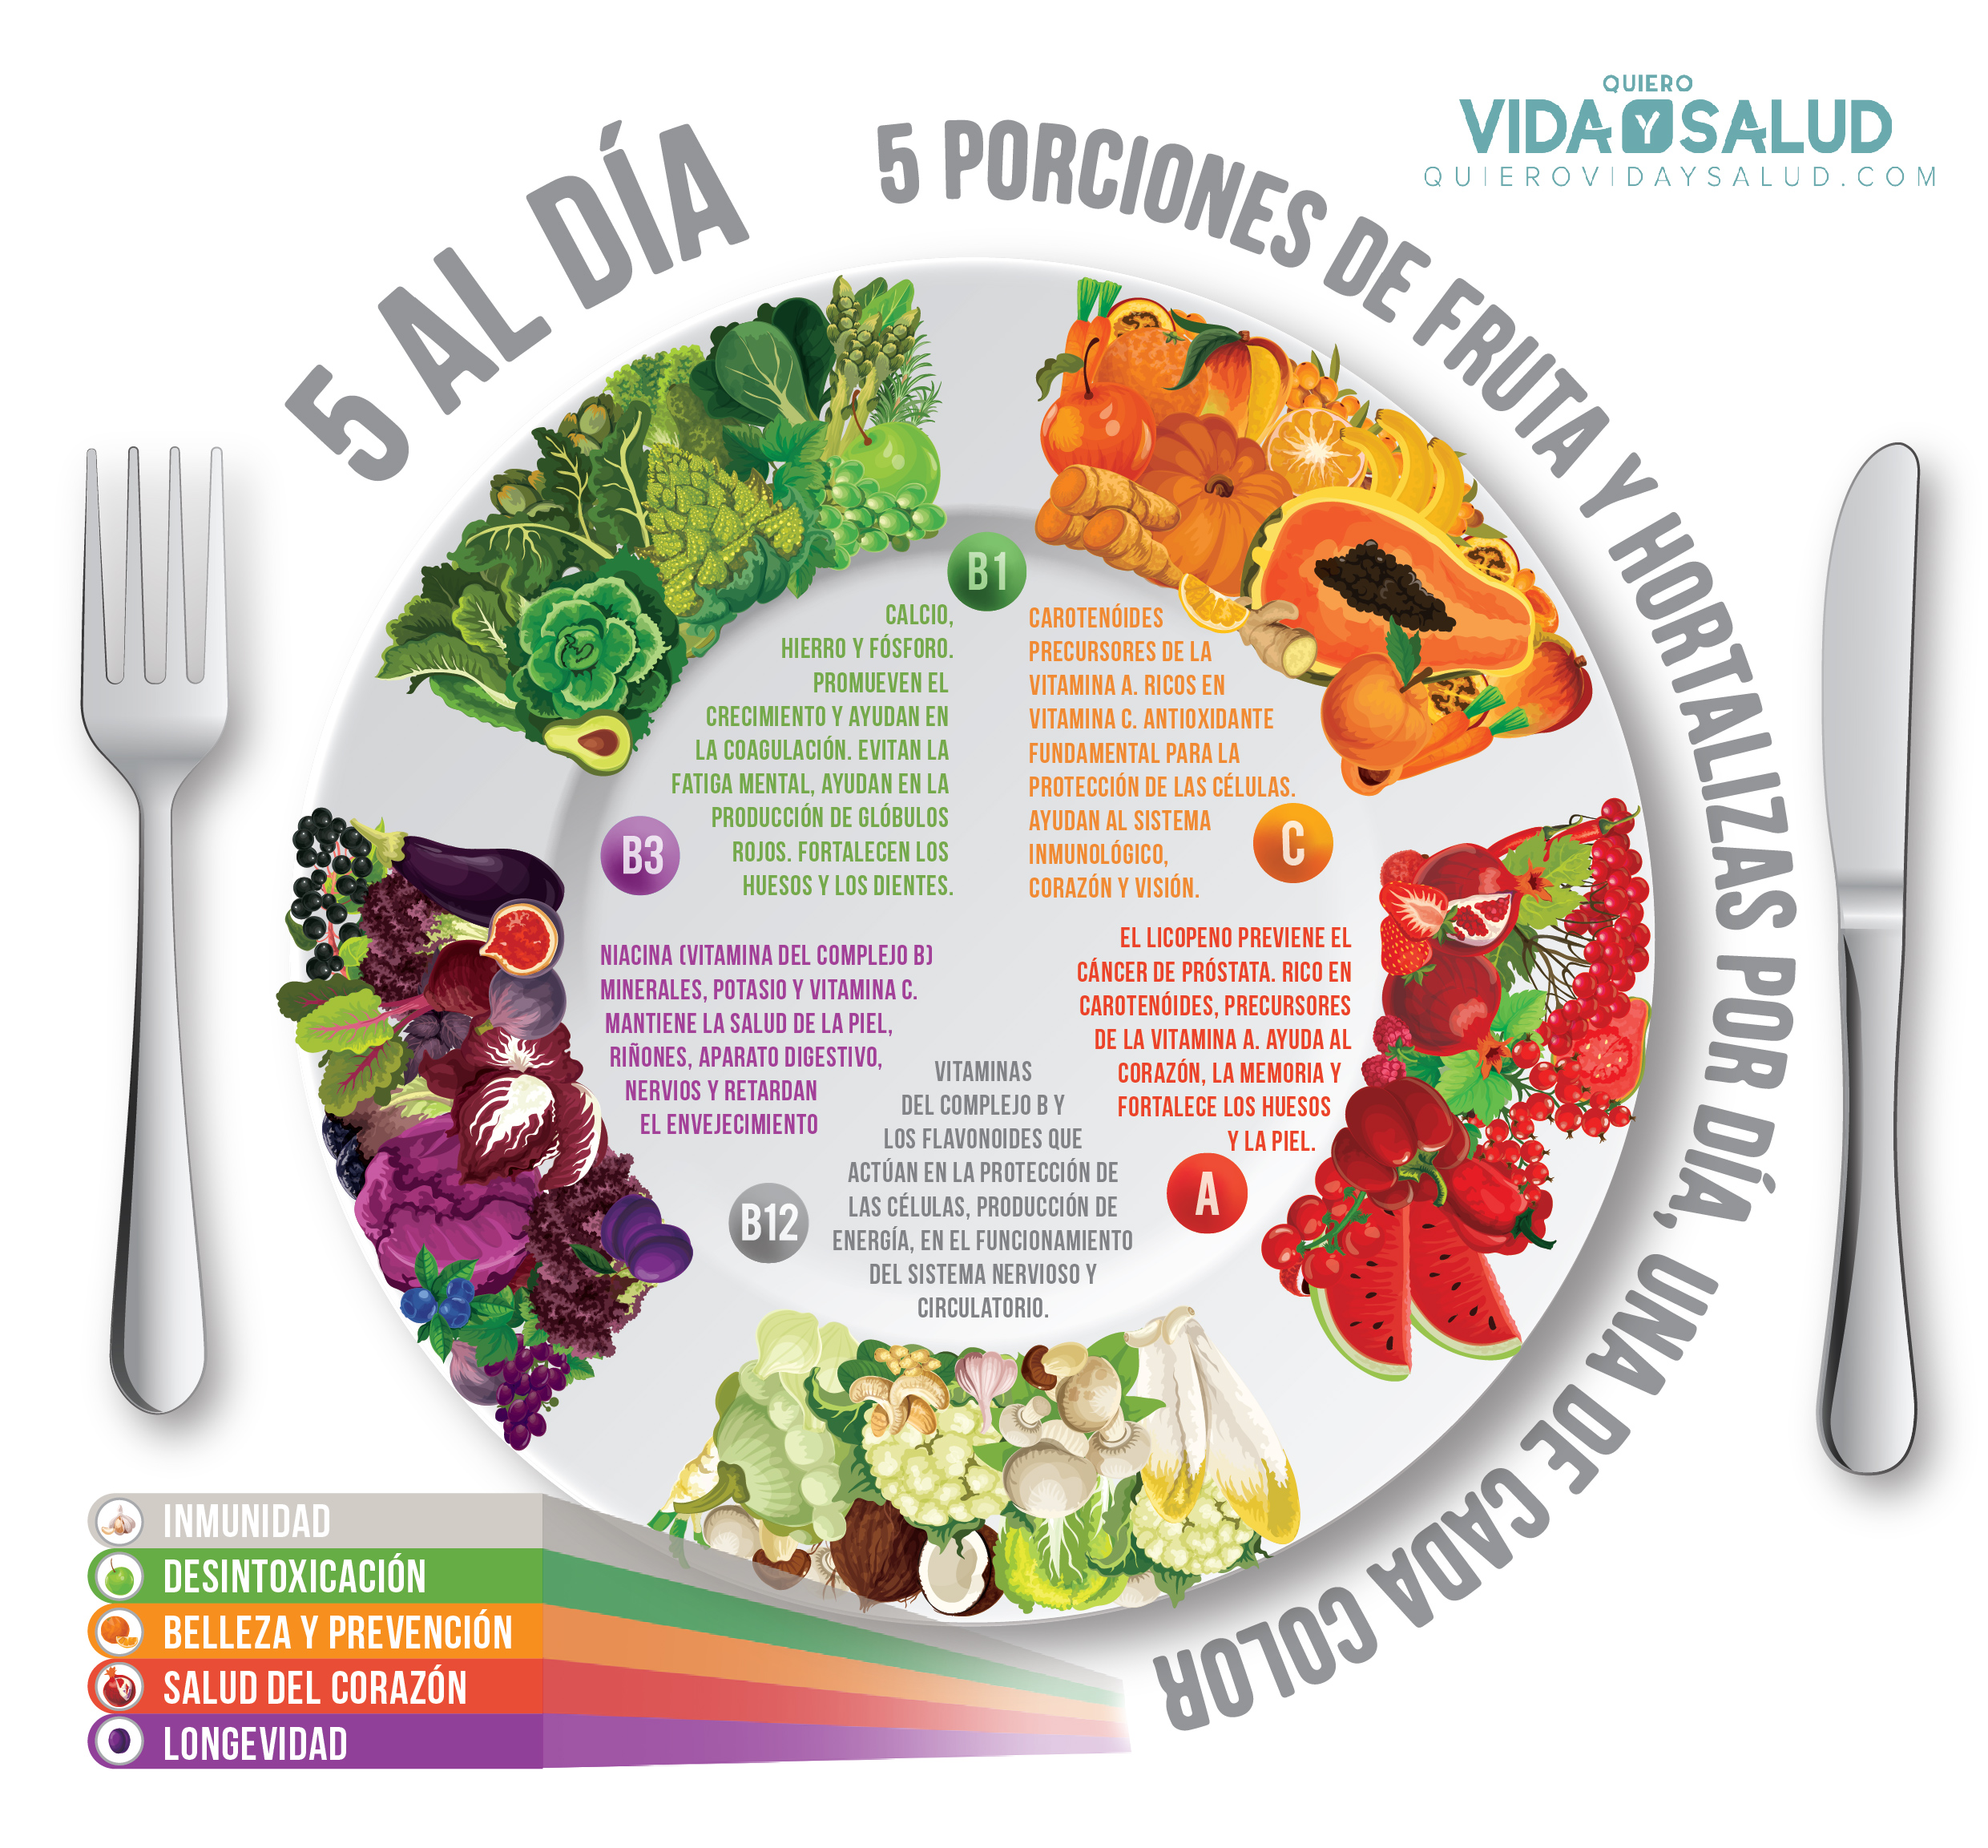 5 comidas al dia saludables